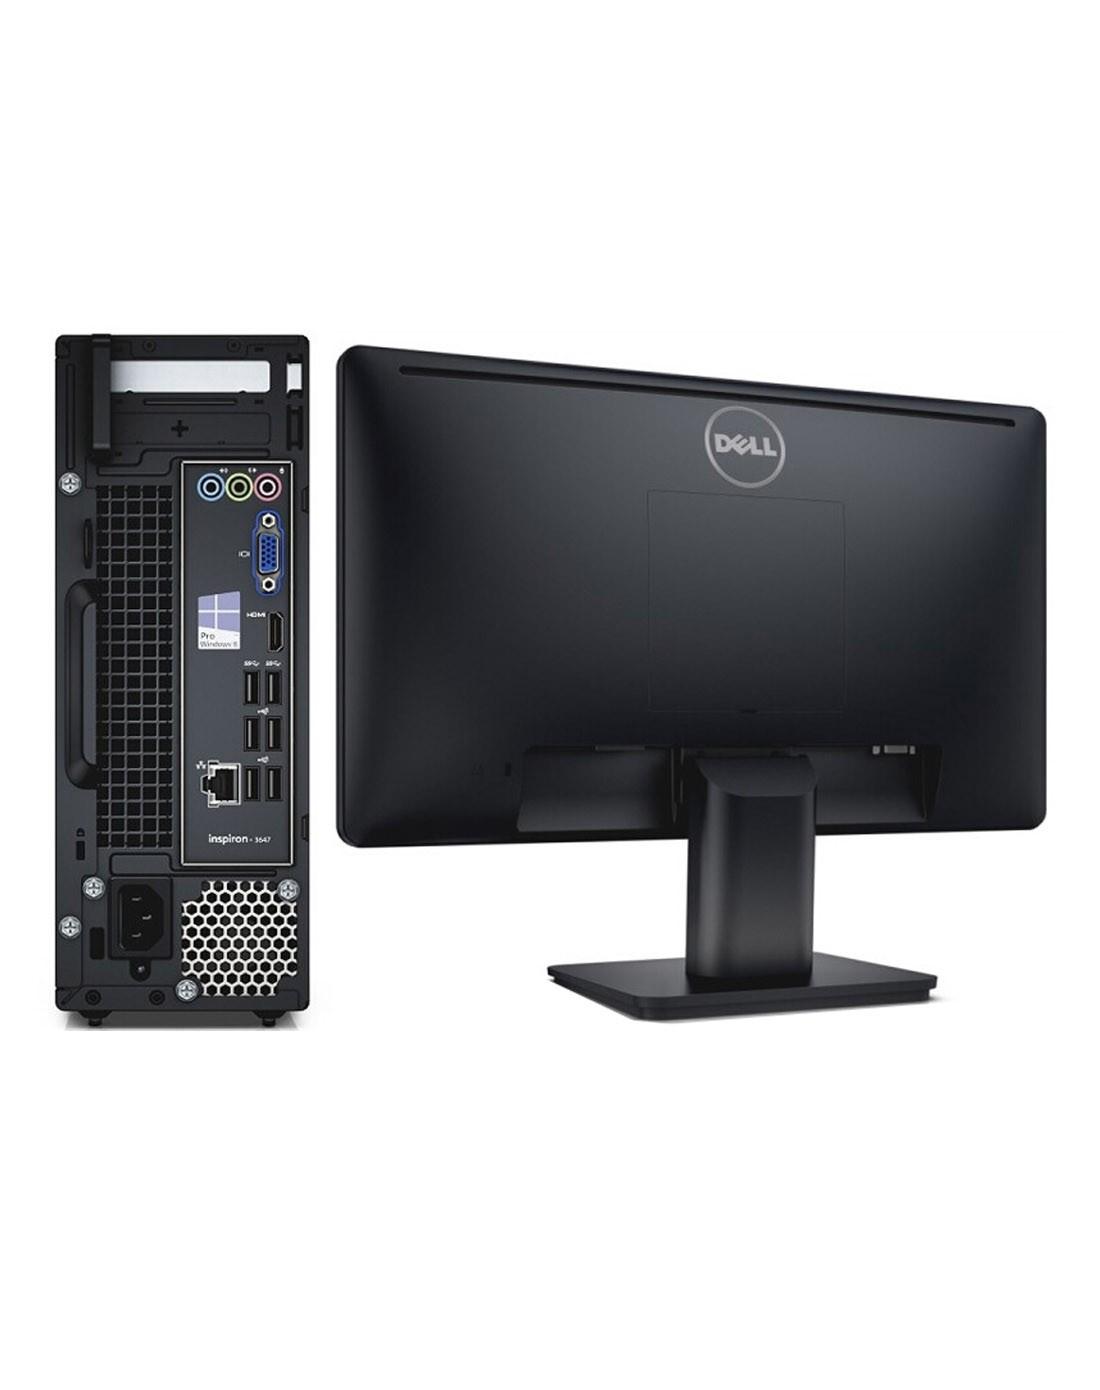 戴尔dell电脑专场3646-30n8台式机配19寸显示器3646图片